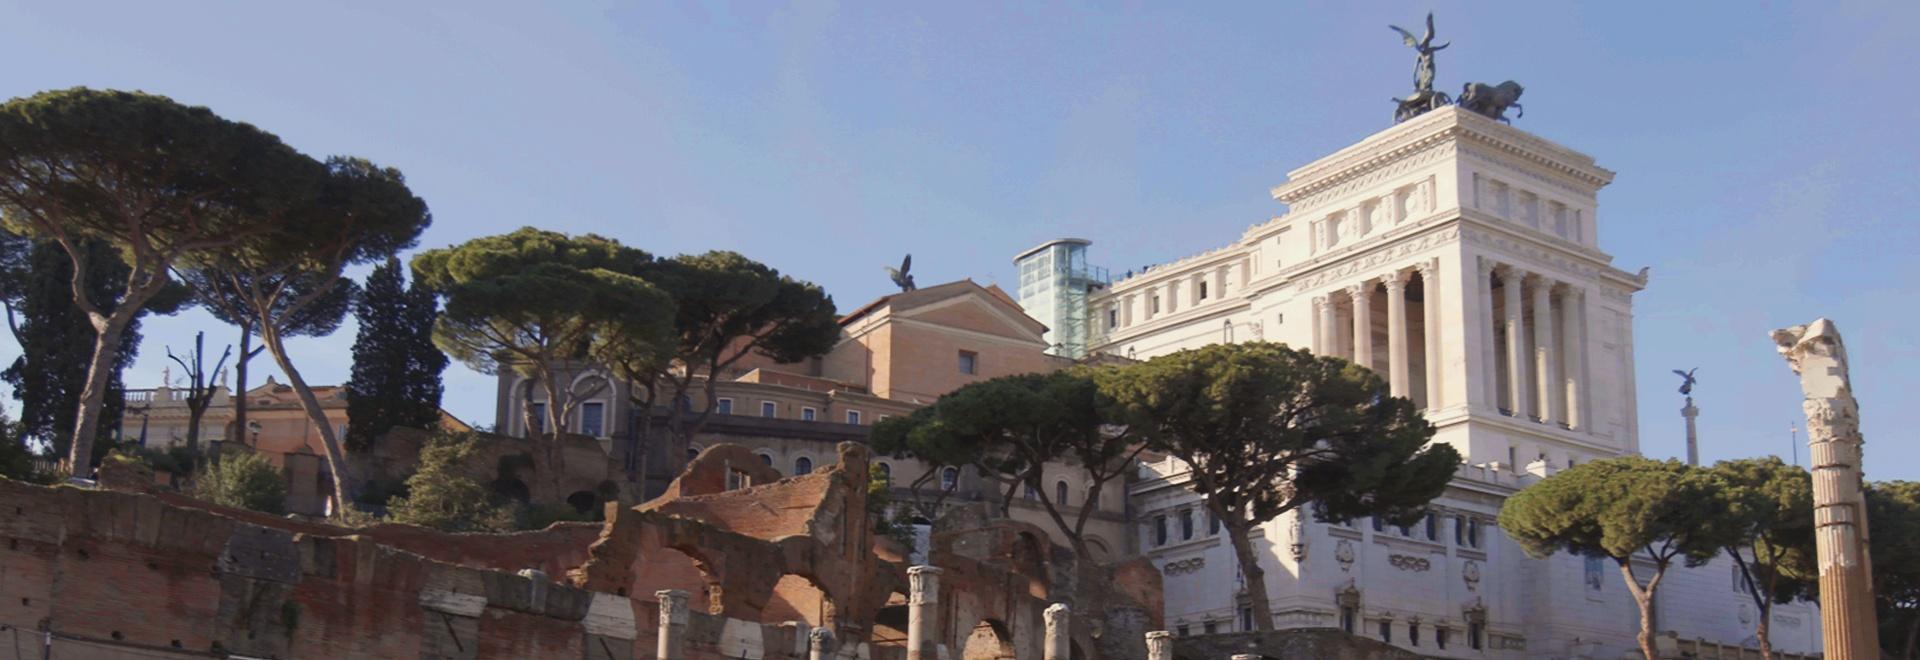 Sette meraviglie Roma